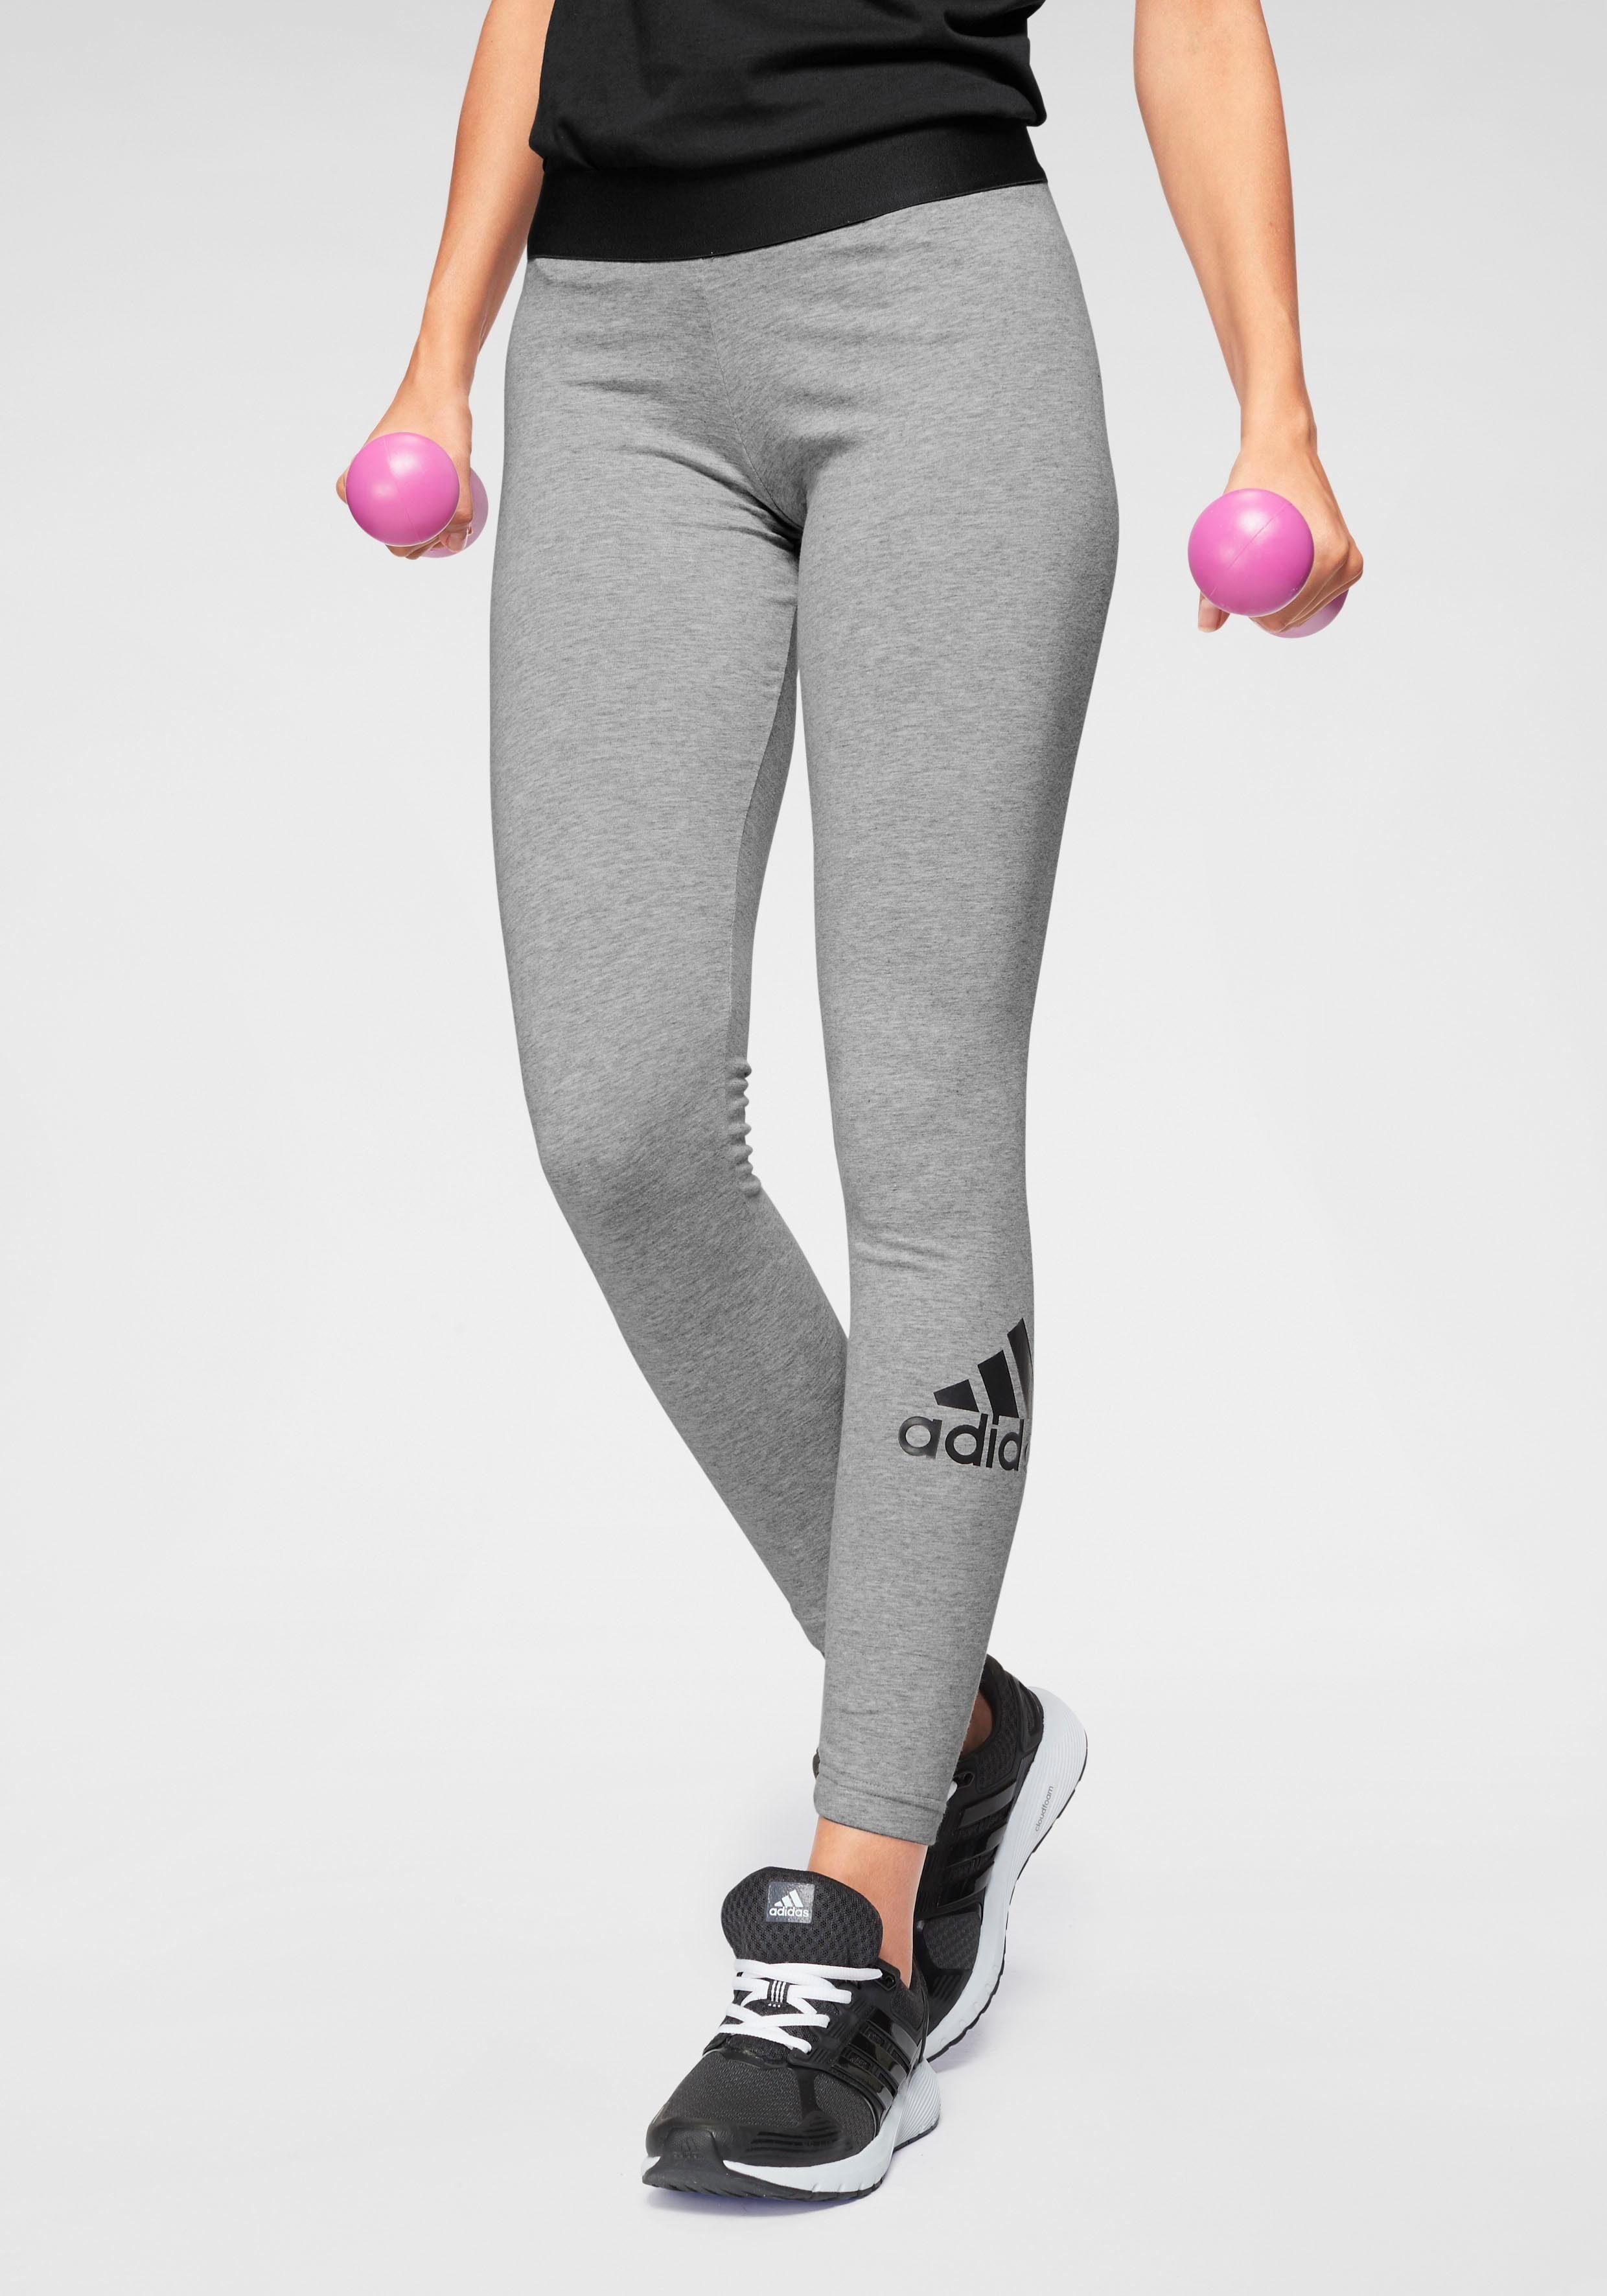 adidas Performance, Leggings MH BOS TIGHT für Mädchen, grau